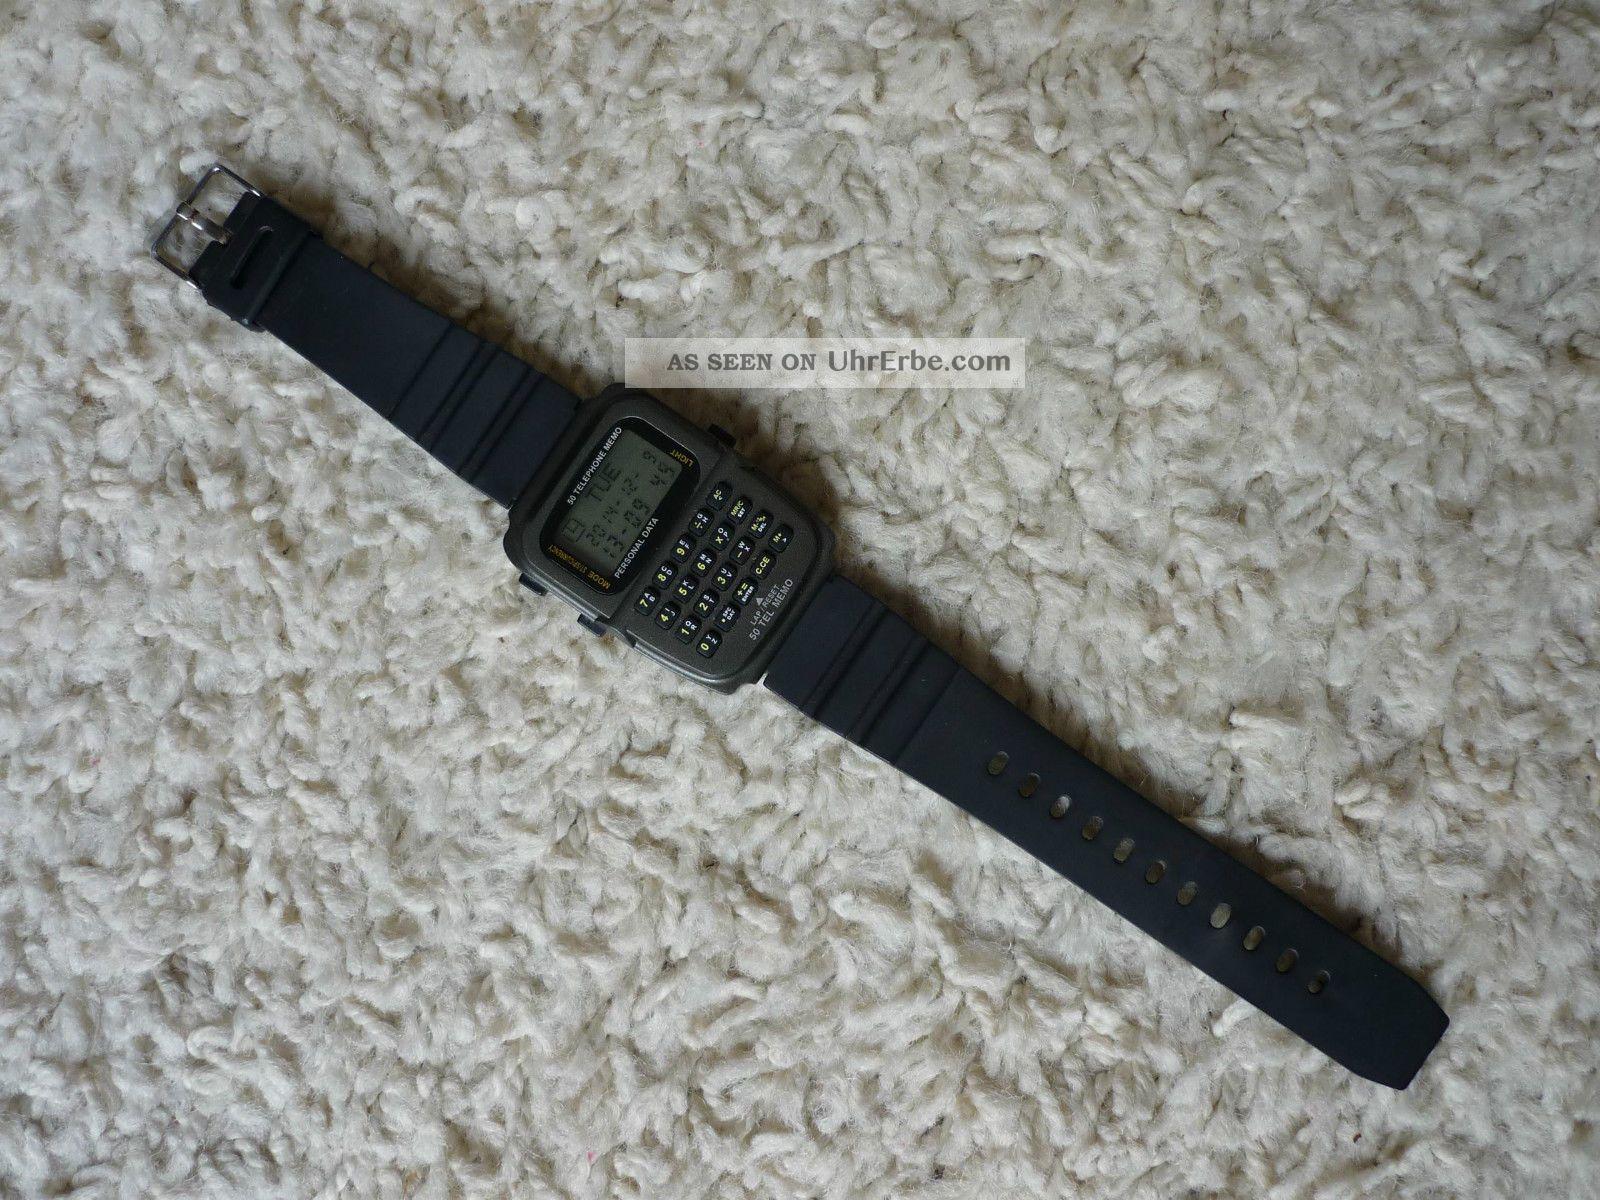 Uhr Herren Meister Anker Lcd Personal Data Batterie Viele Funktionen Armbanduhren Bild